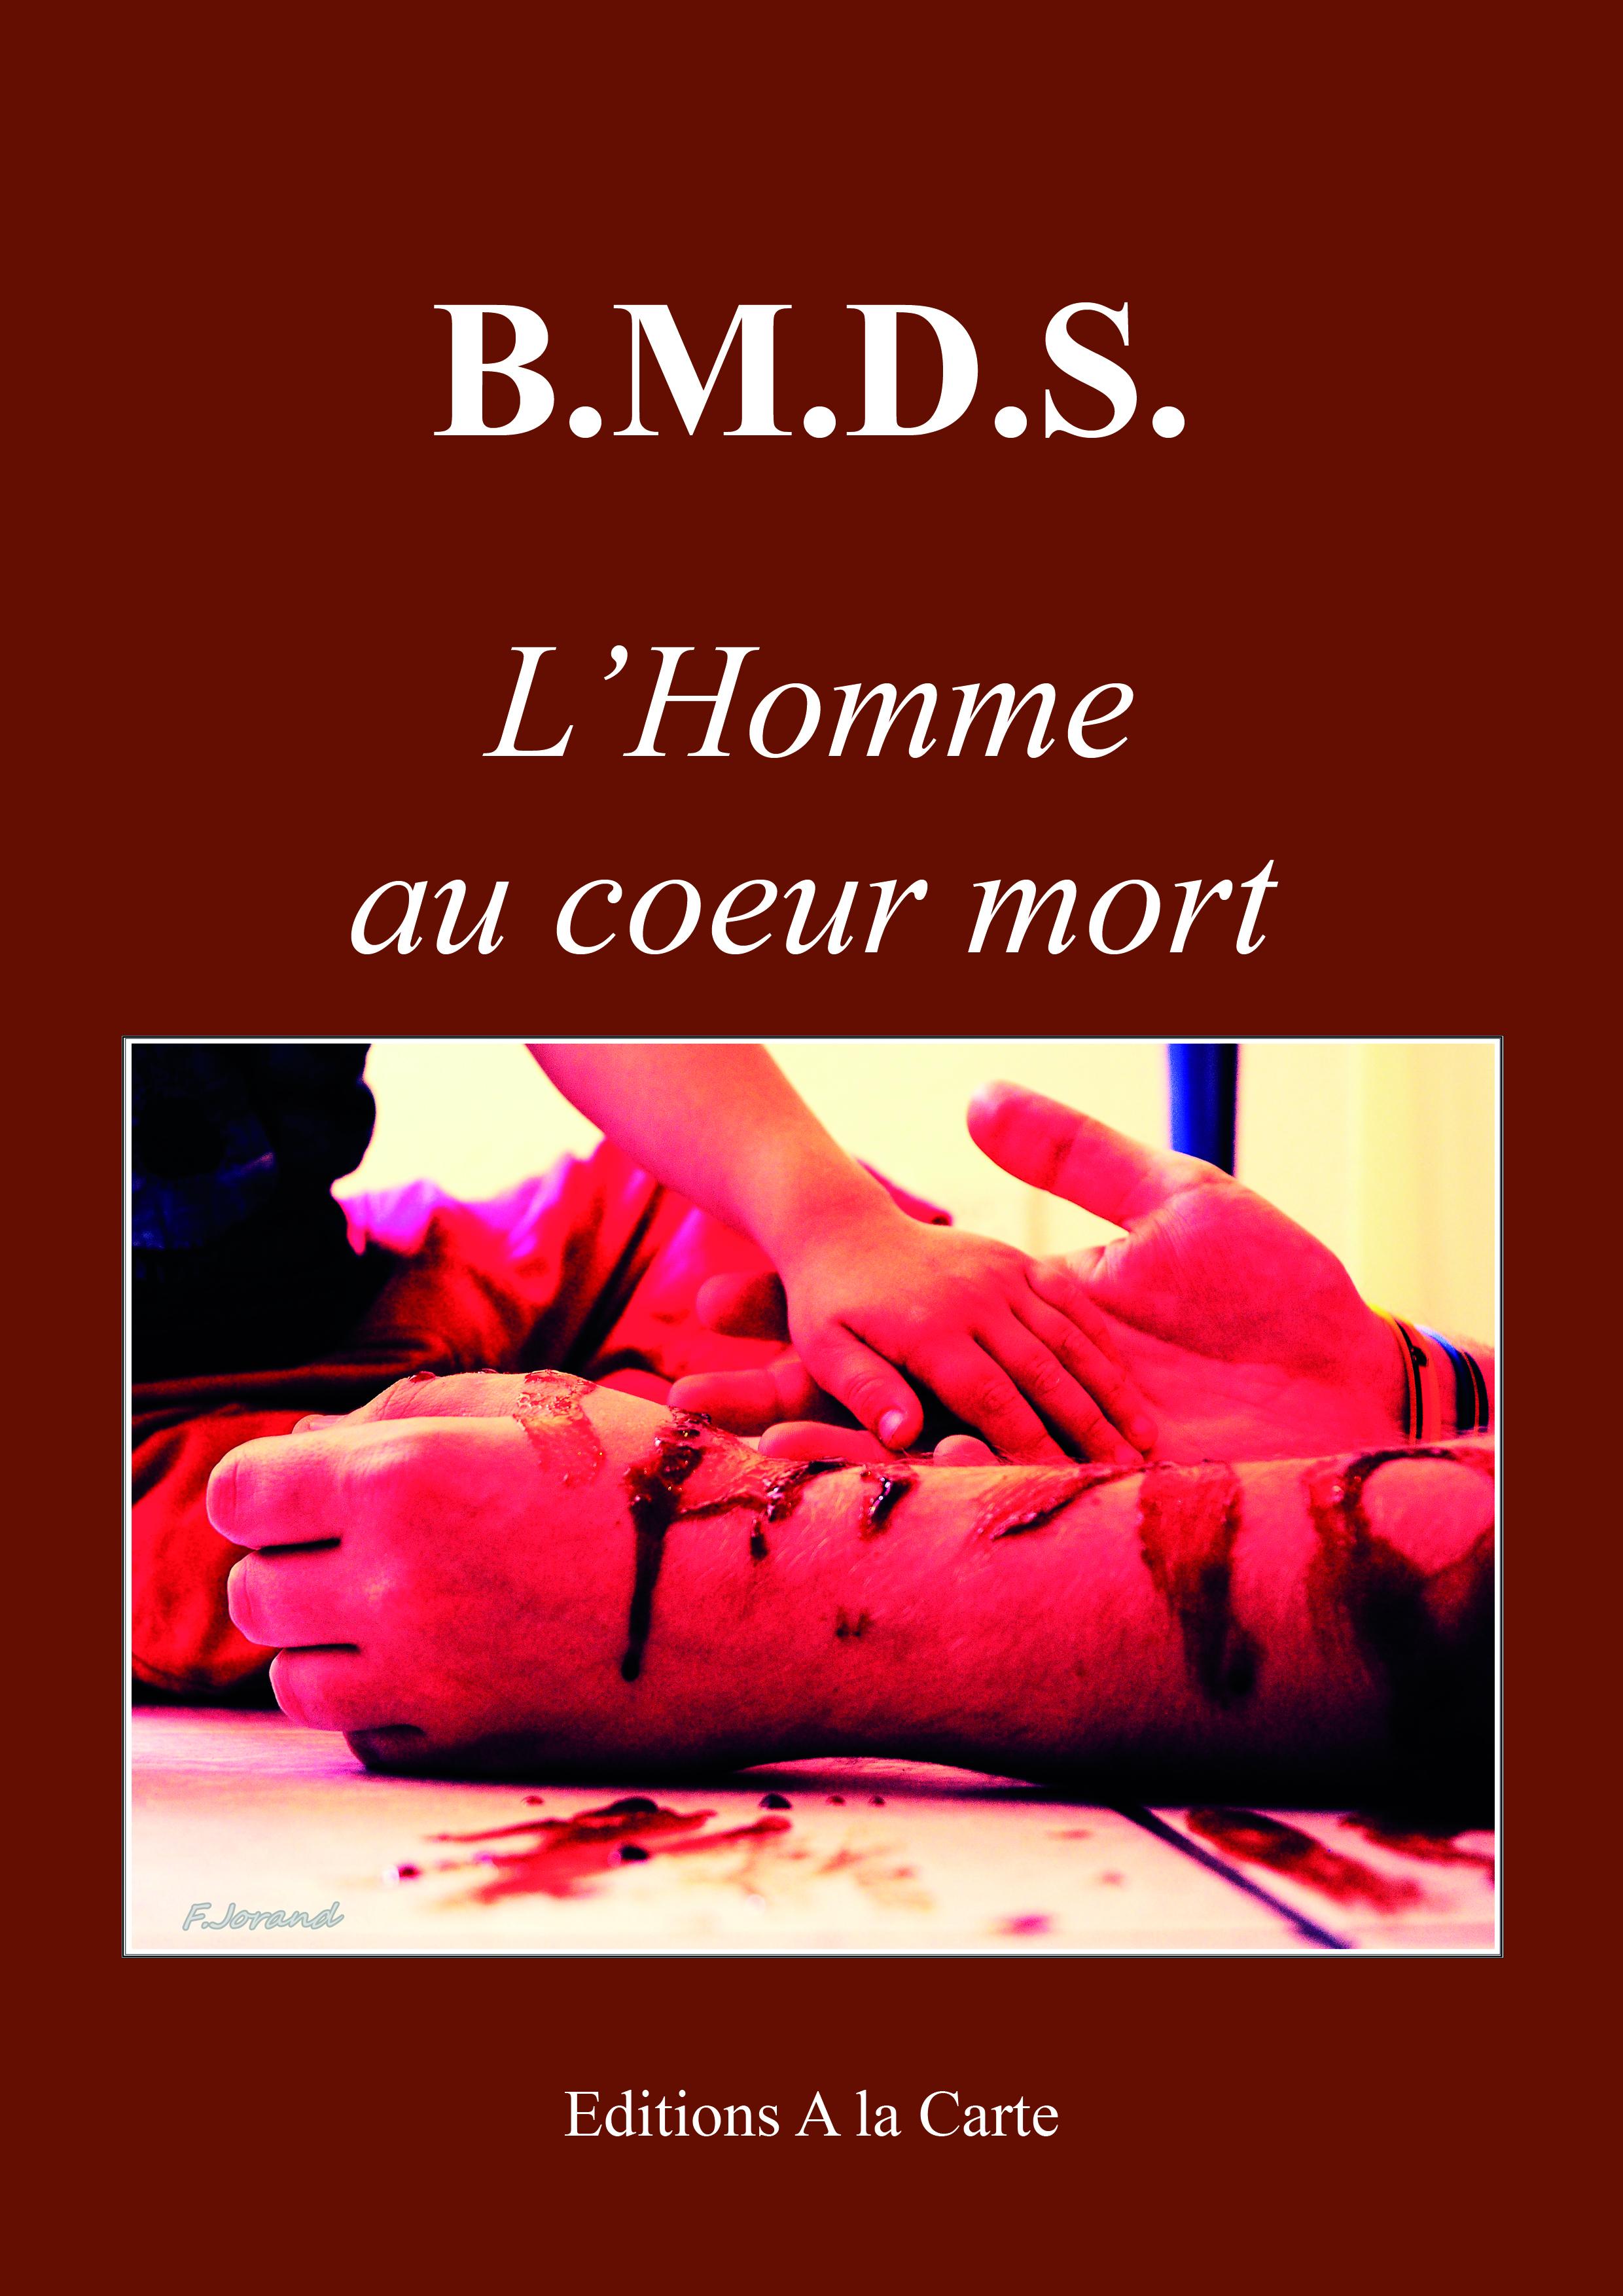 images lhomme au coeur mort cover1